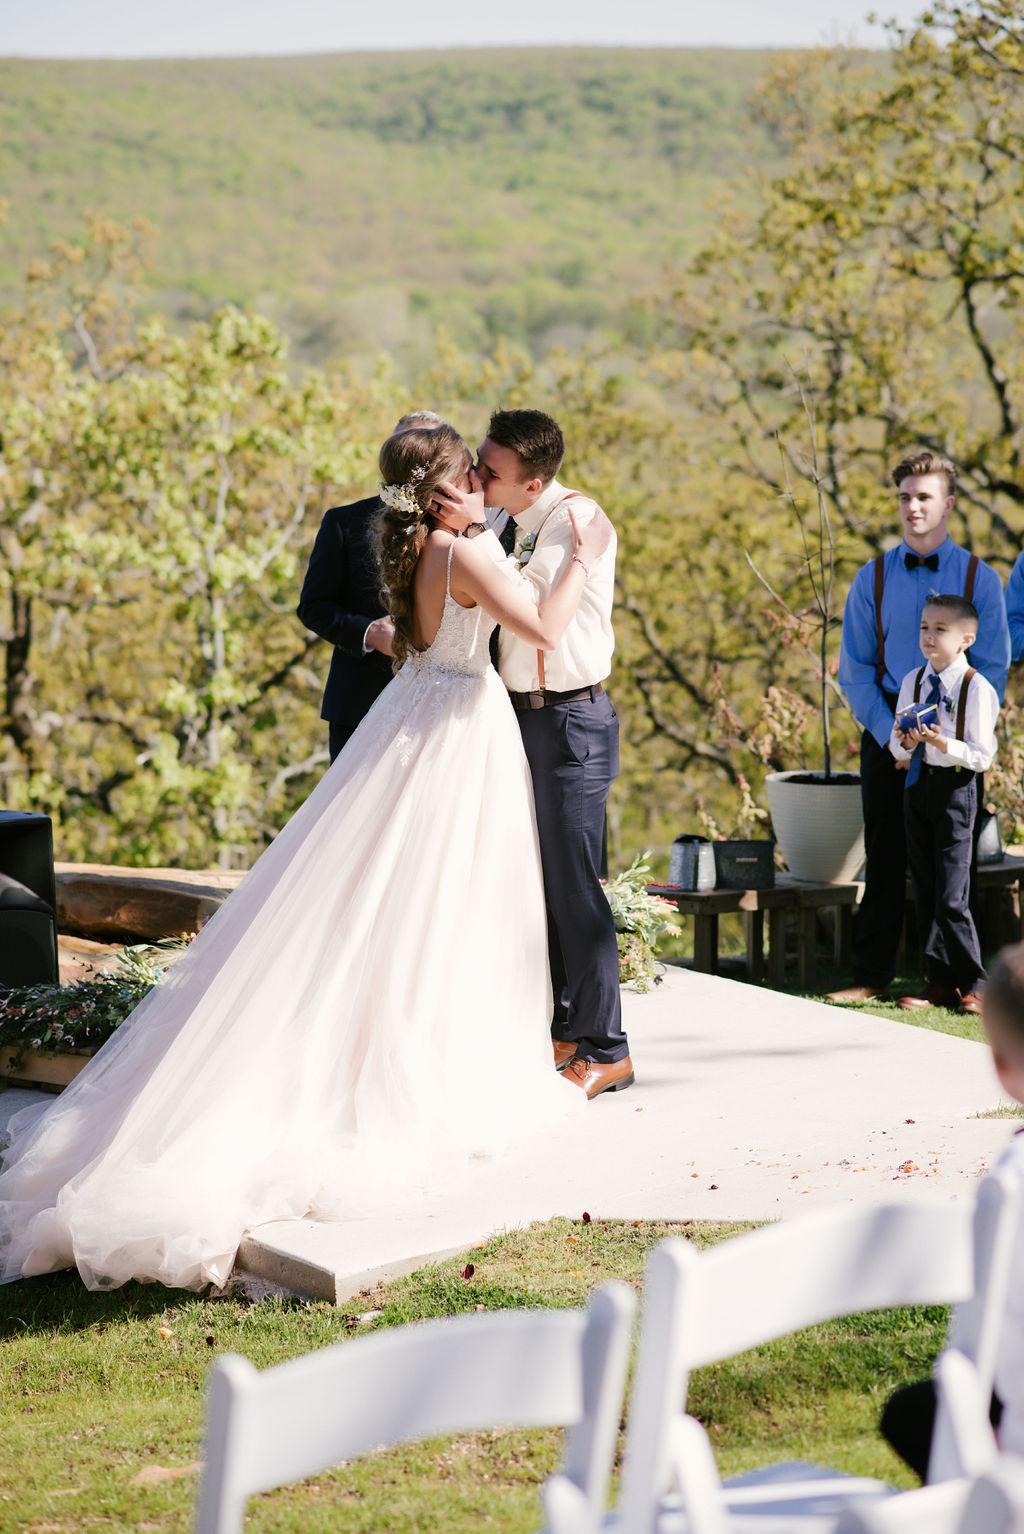 Tulsa Best Outdoor Wedding Venue 27.jpg